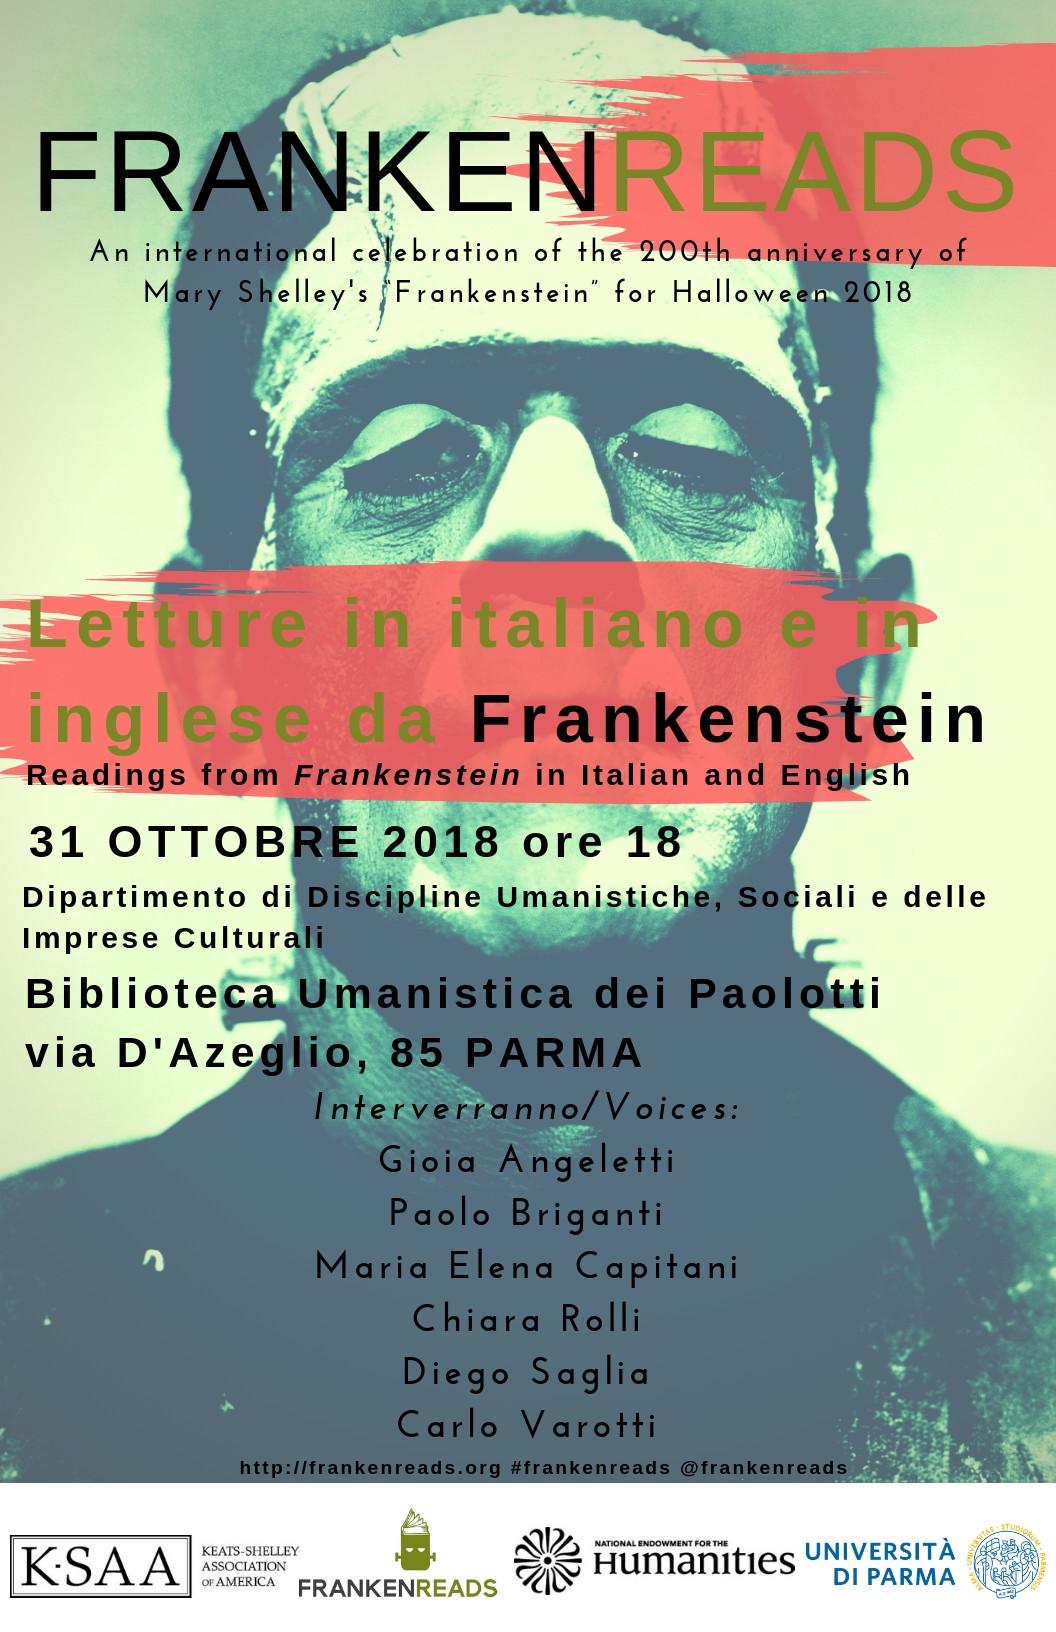 Iniziativa su Frankenstein dell'Università di Parma, programma del 31 ottobre